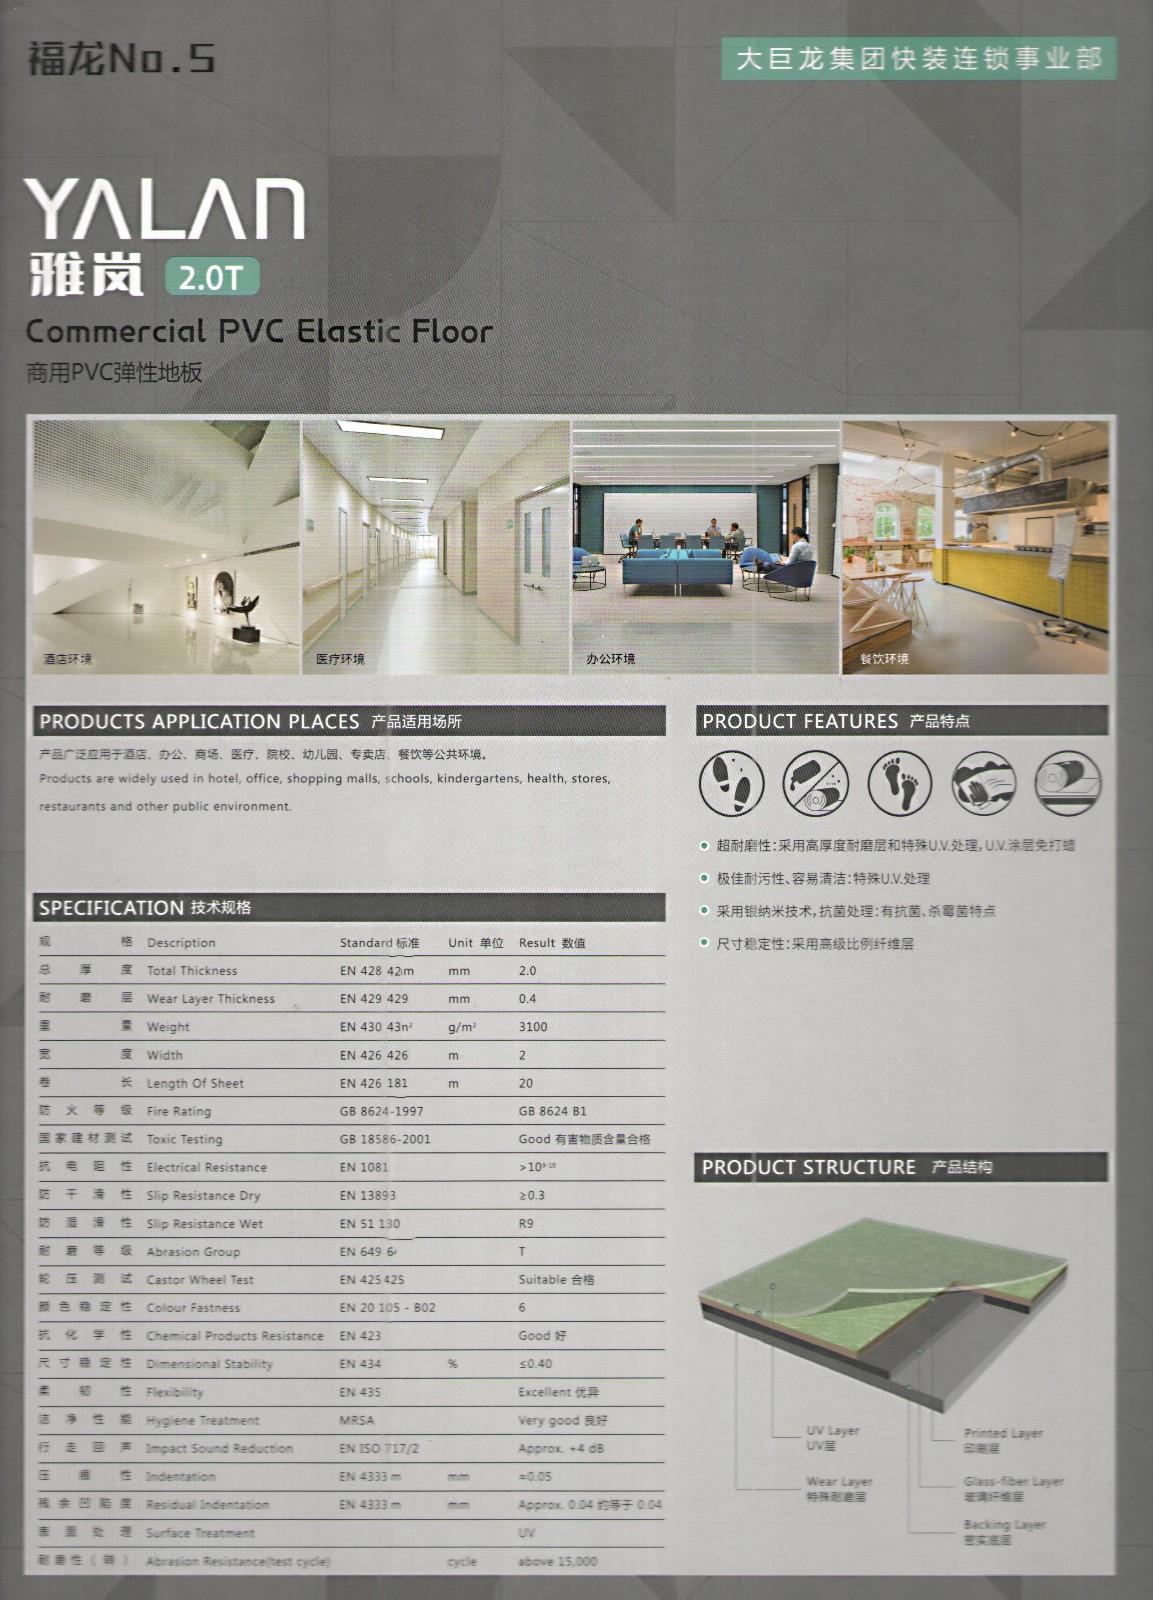 福龙NO.5雅岚PVC地板|福龙系列-陕西棋牌挣钱建材有限责任公司